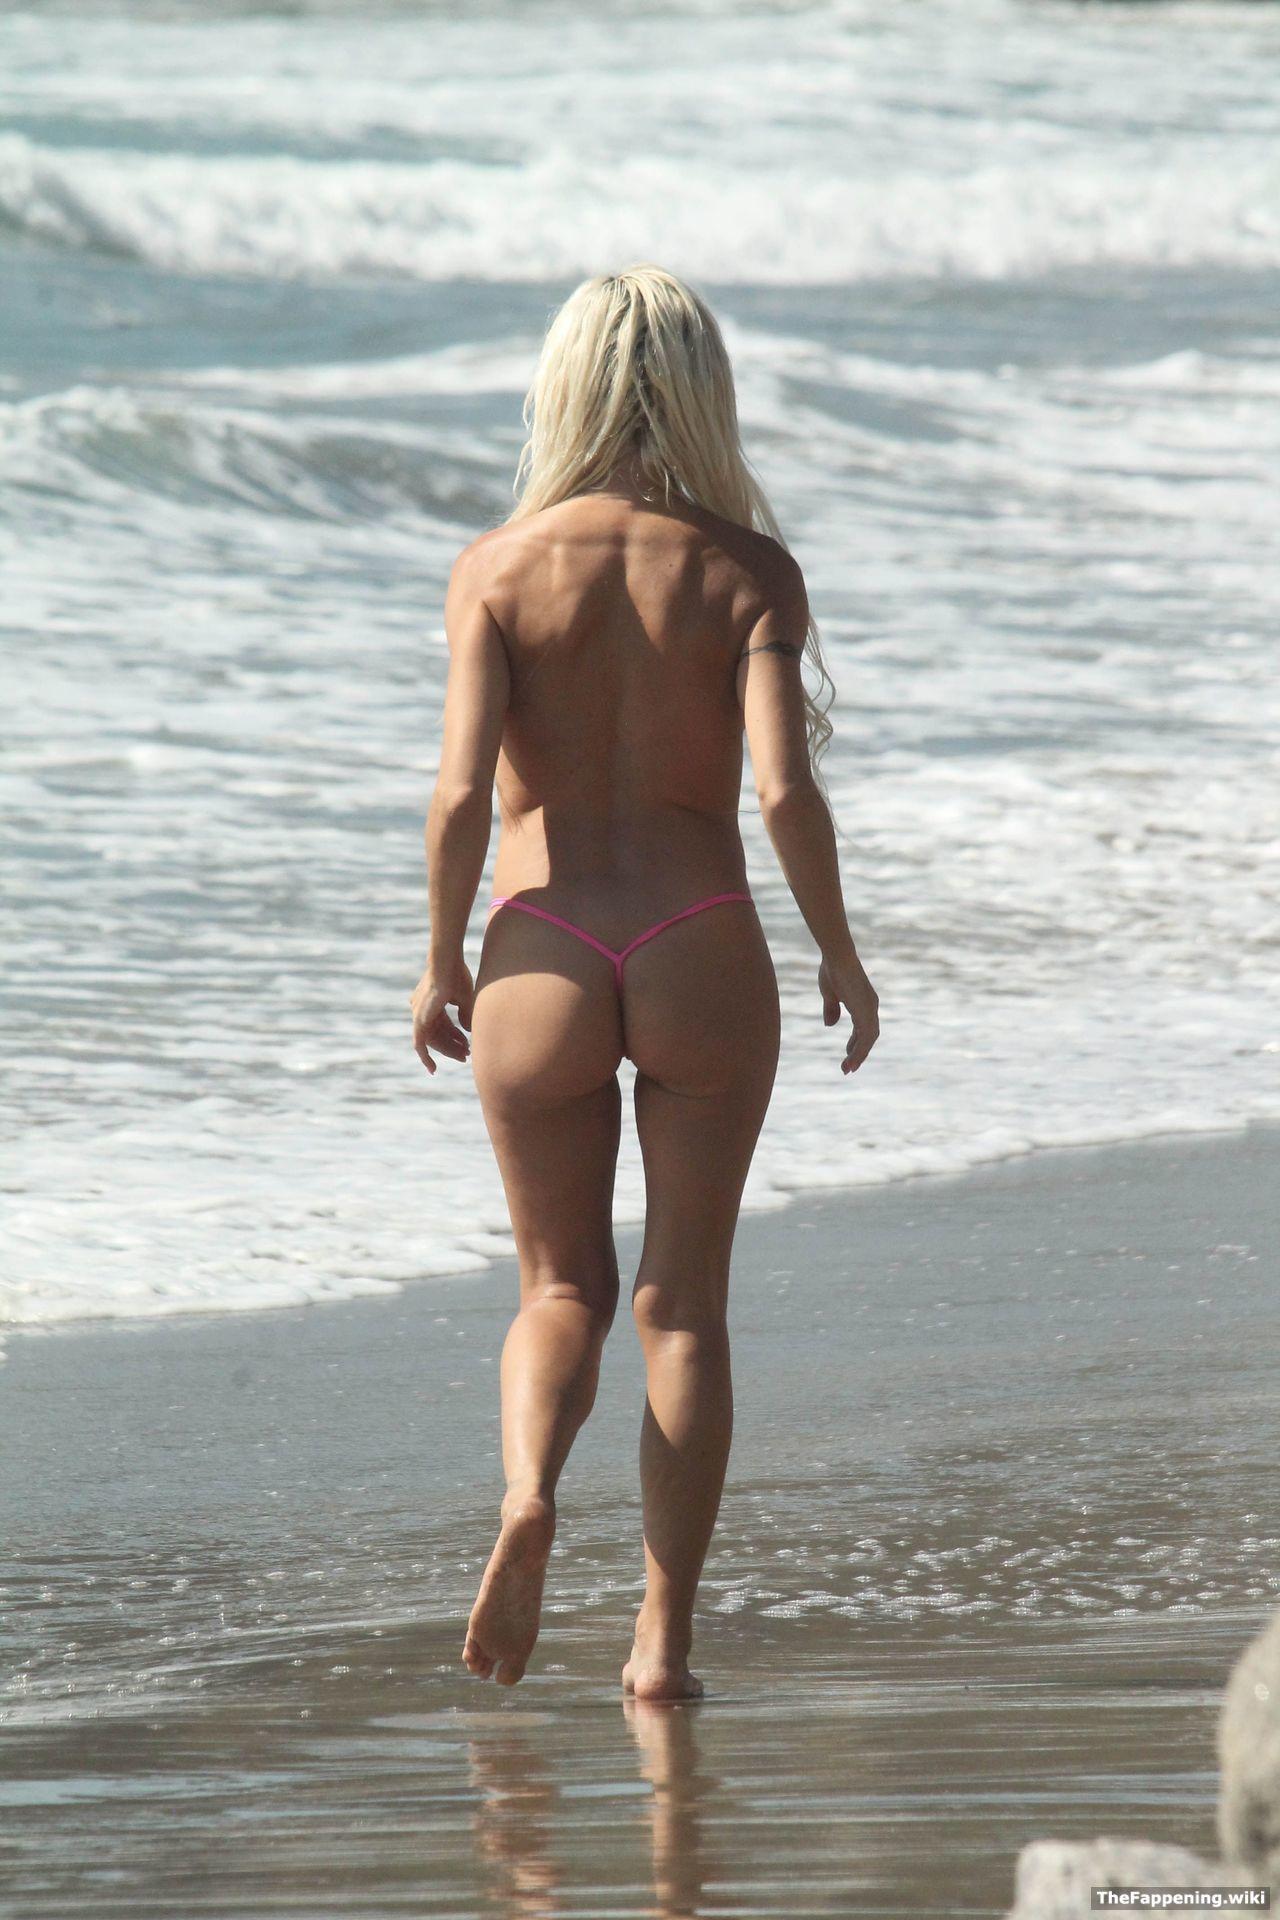 Angelique Morgan Porn Pics angelique morgan nude pics & vids - the fappening